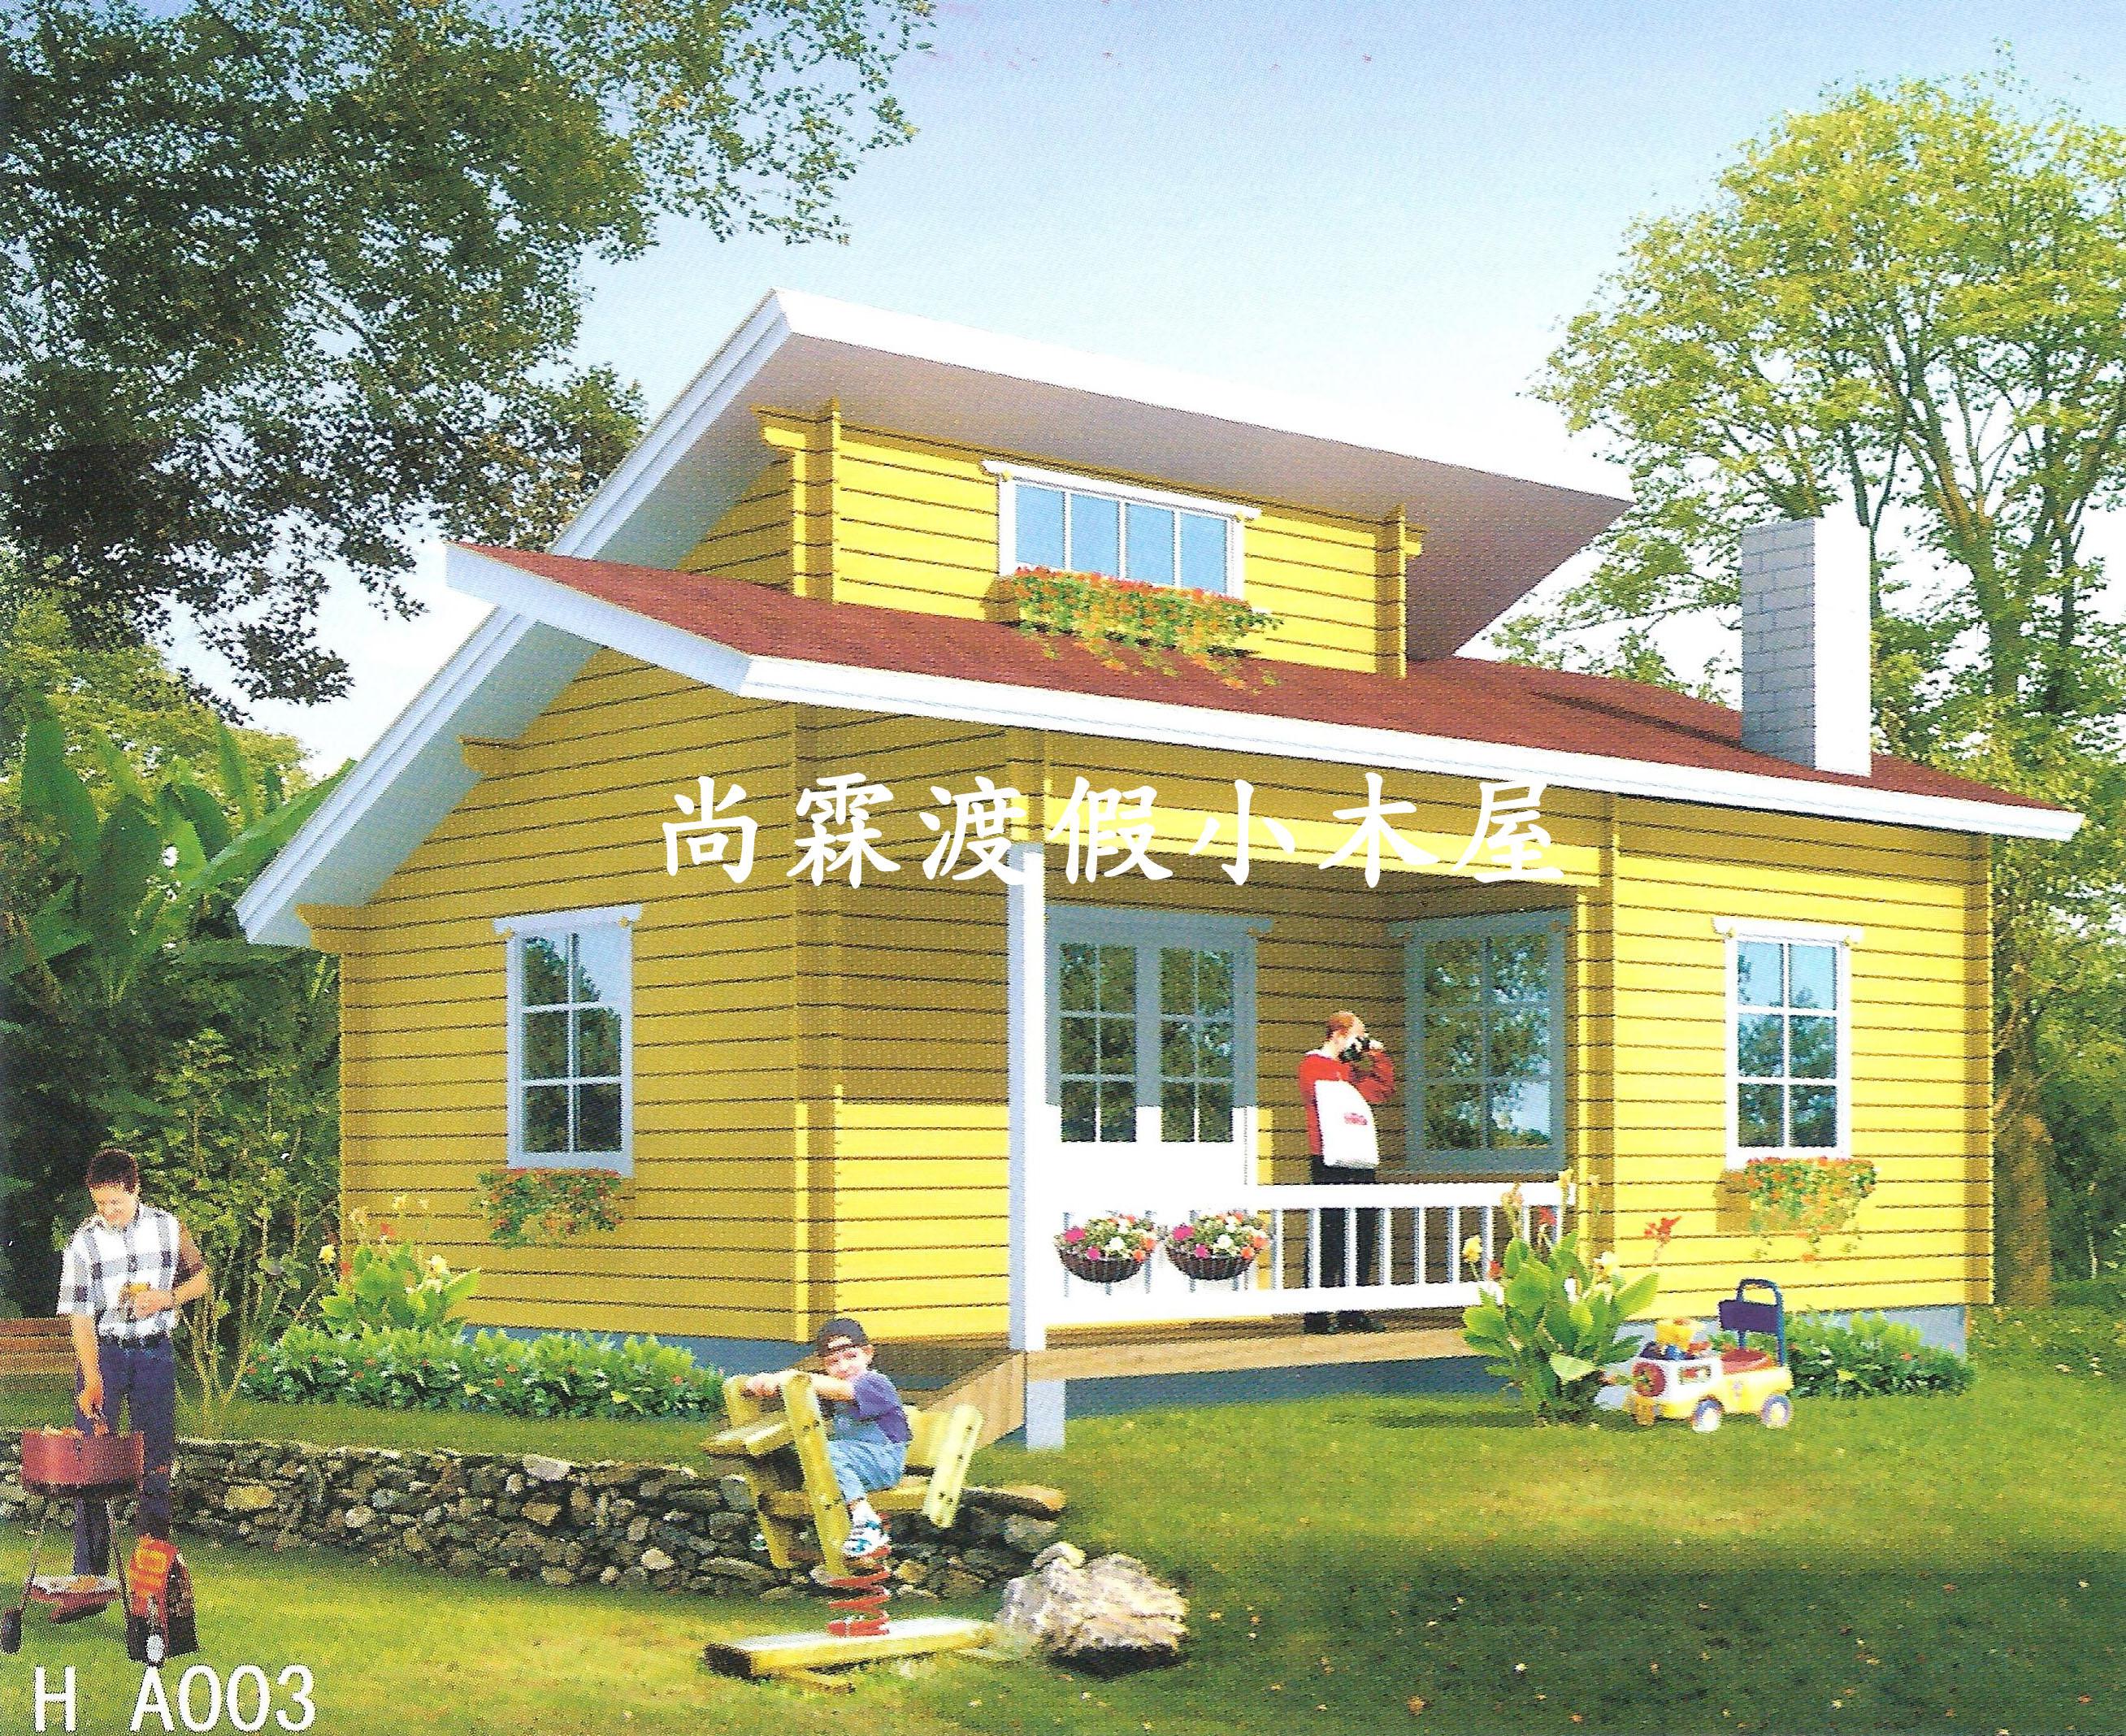 厨房及餐厅*1) 施 工 项 目: 价格含:运送,h钢基础,10人份化粪池,木屋